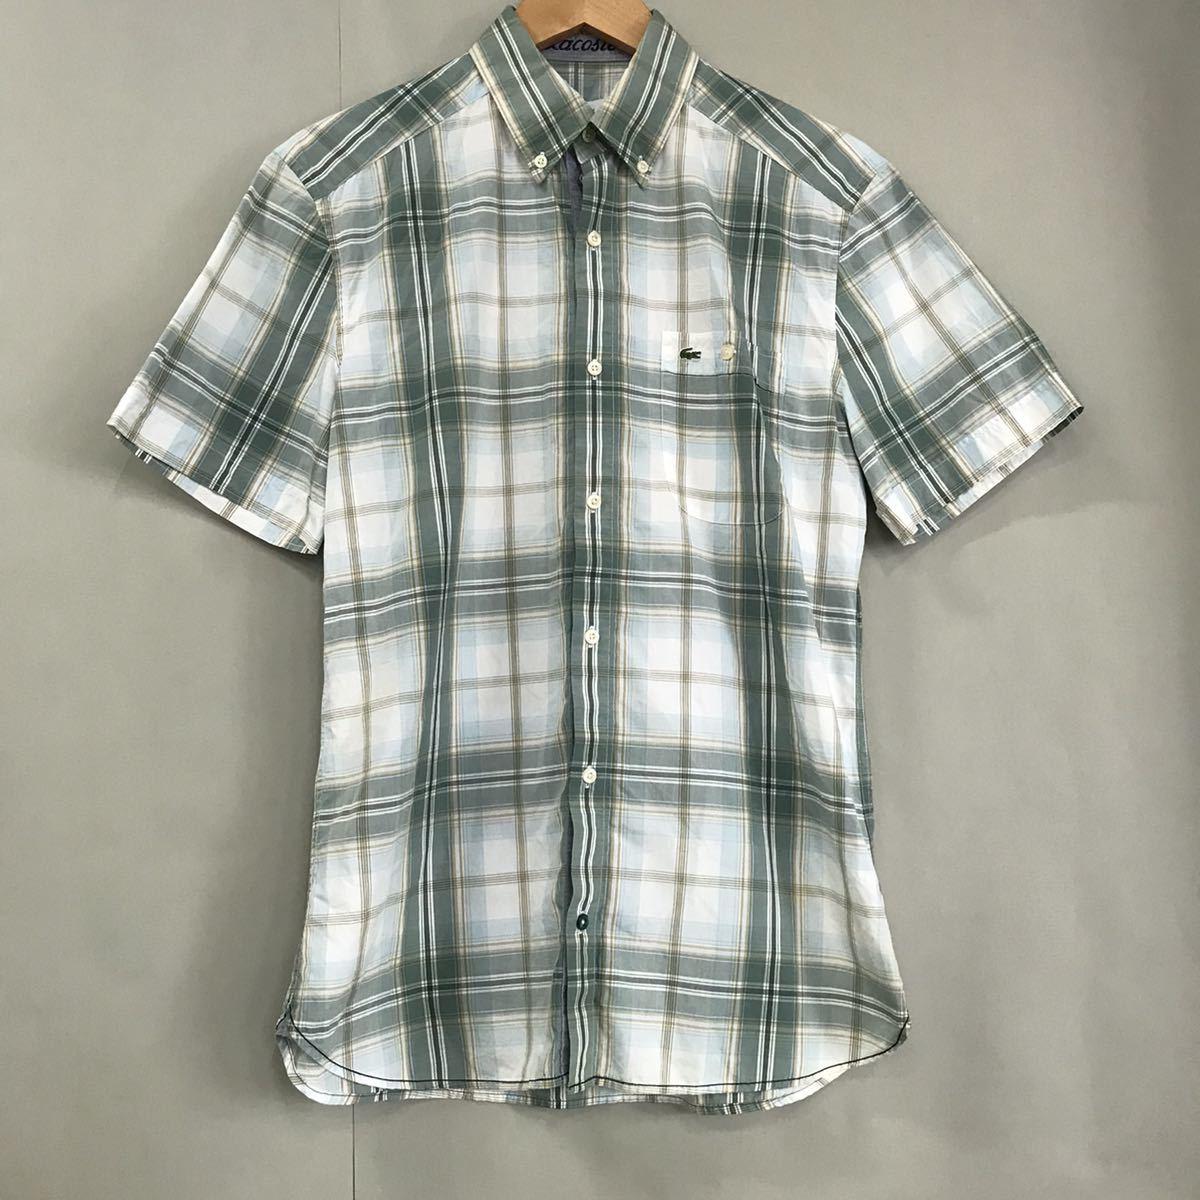 ラコステ LACOSTE ボタンダウンシャツ スリムフィット 半袖 襟 チェック柄 グリーン ホワイト レディース 女性用 38サイズ ♭▽